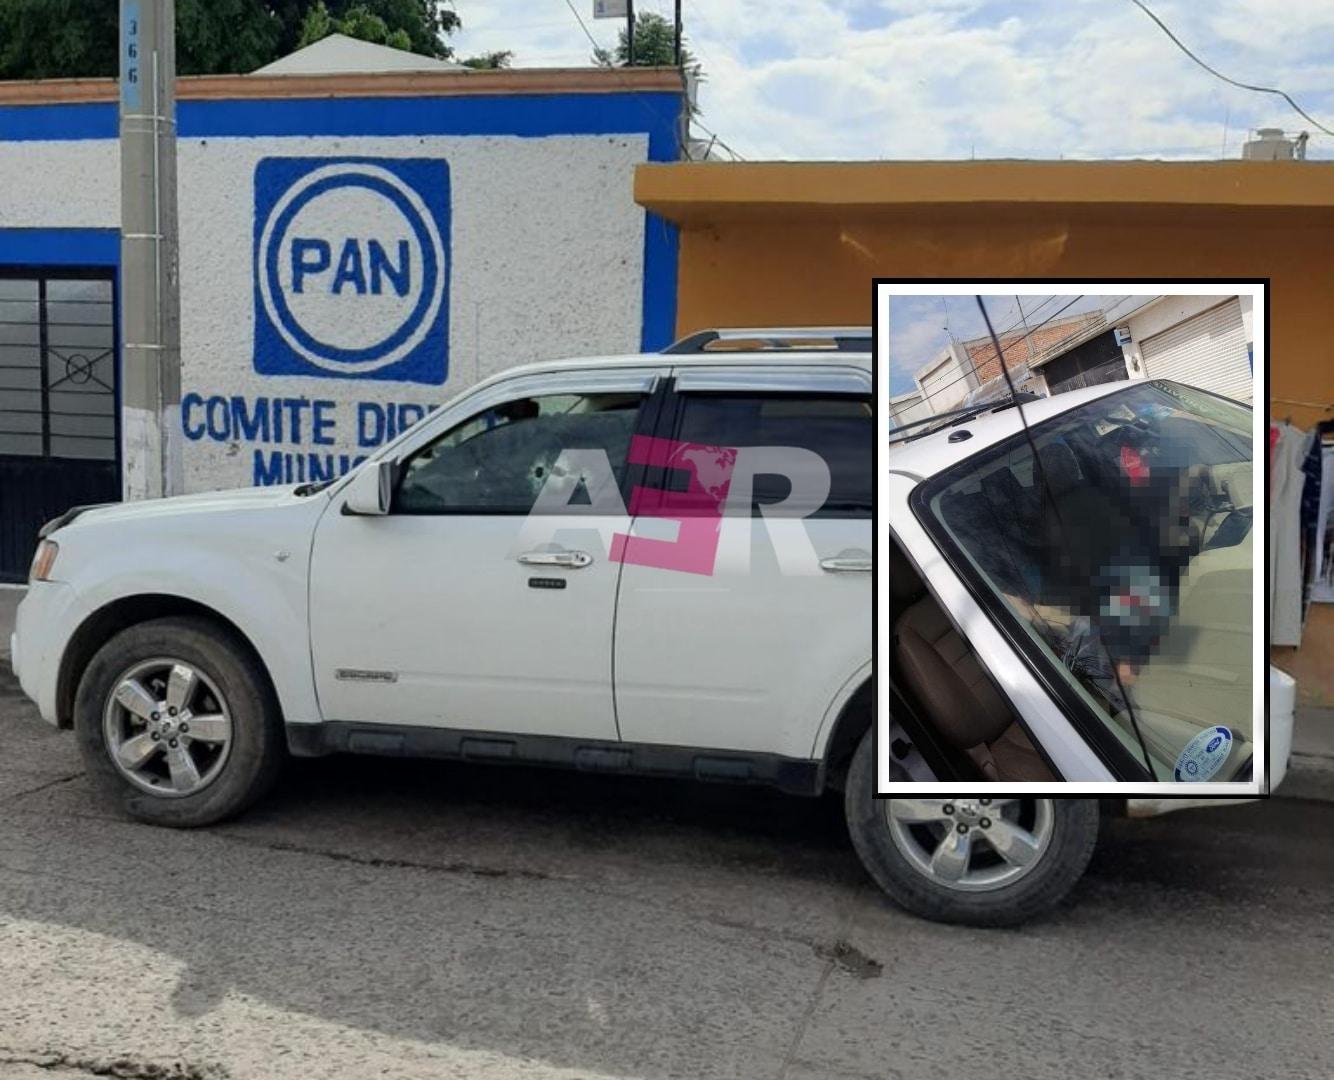 Ejecutan a simpatizante del PAN en Apaseo El Grande 4